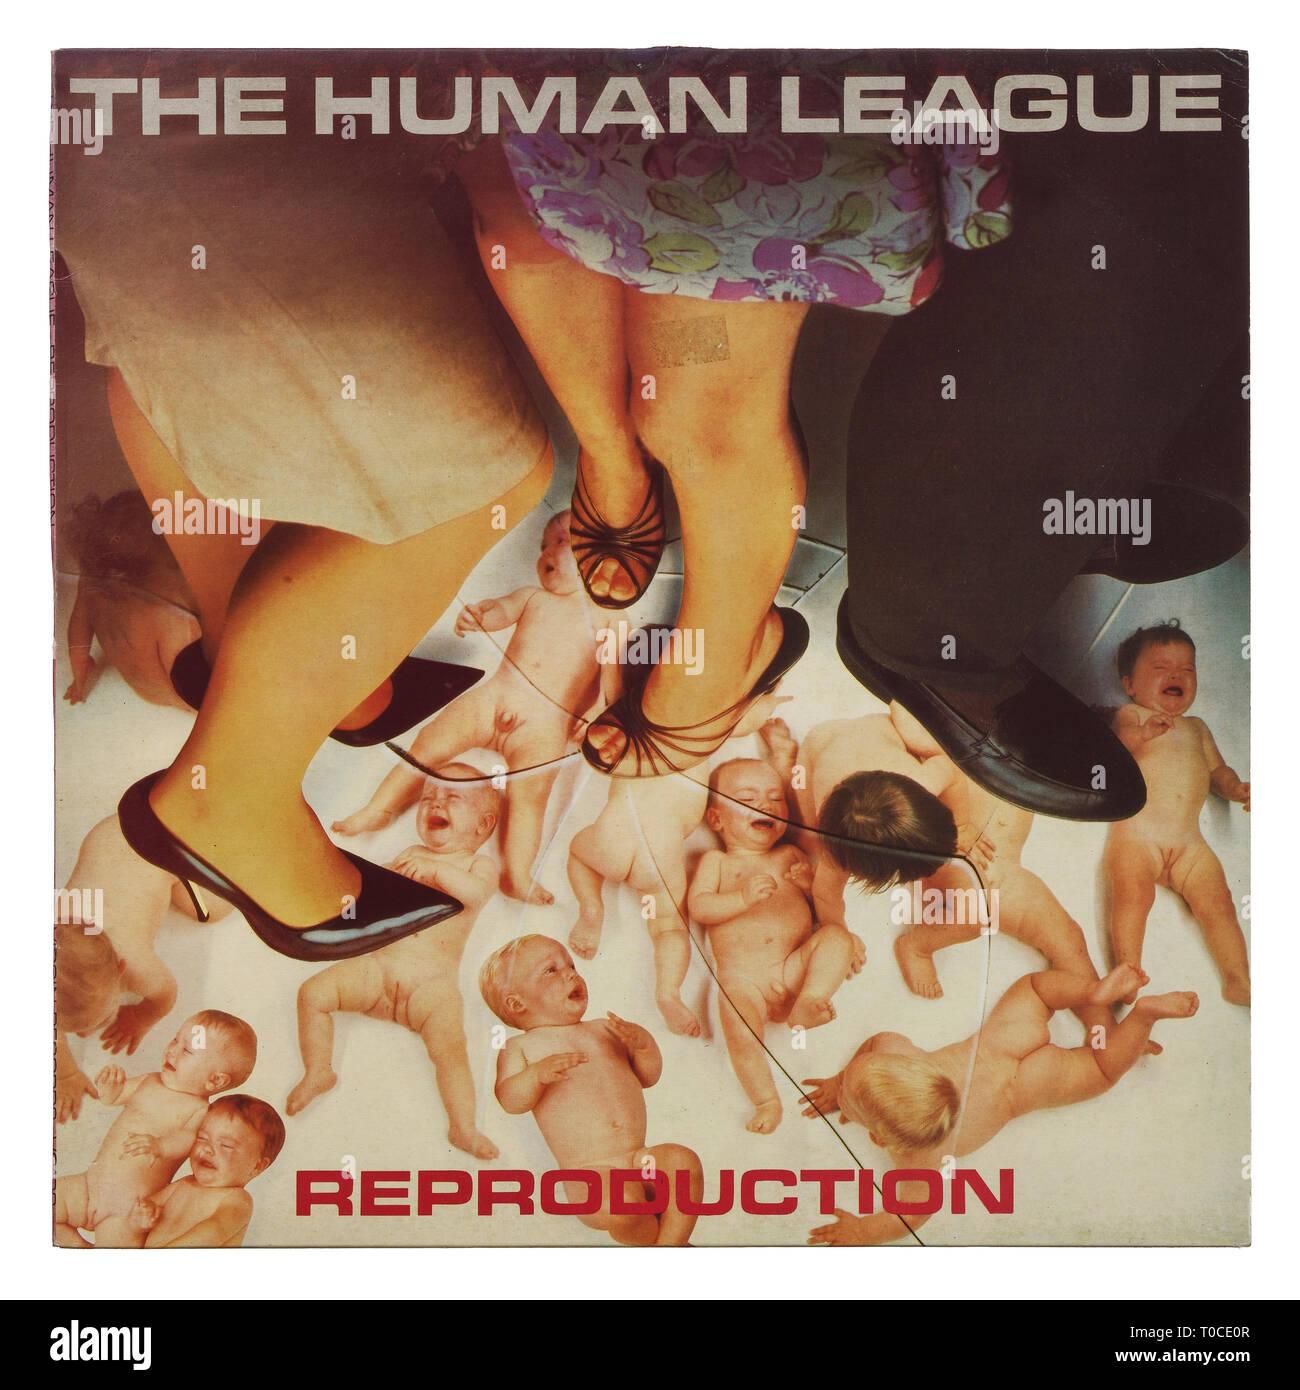 El album de vinilo manga para su reproducción por el Human League Foto de stock